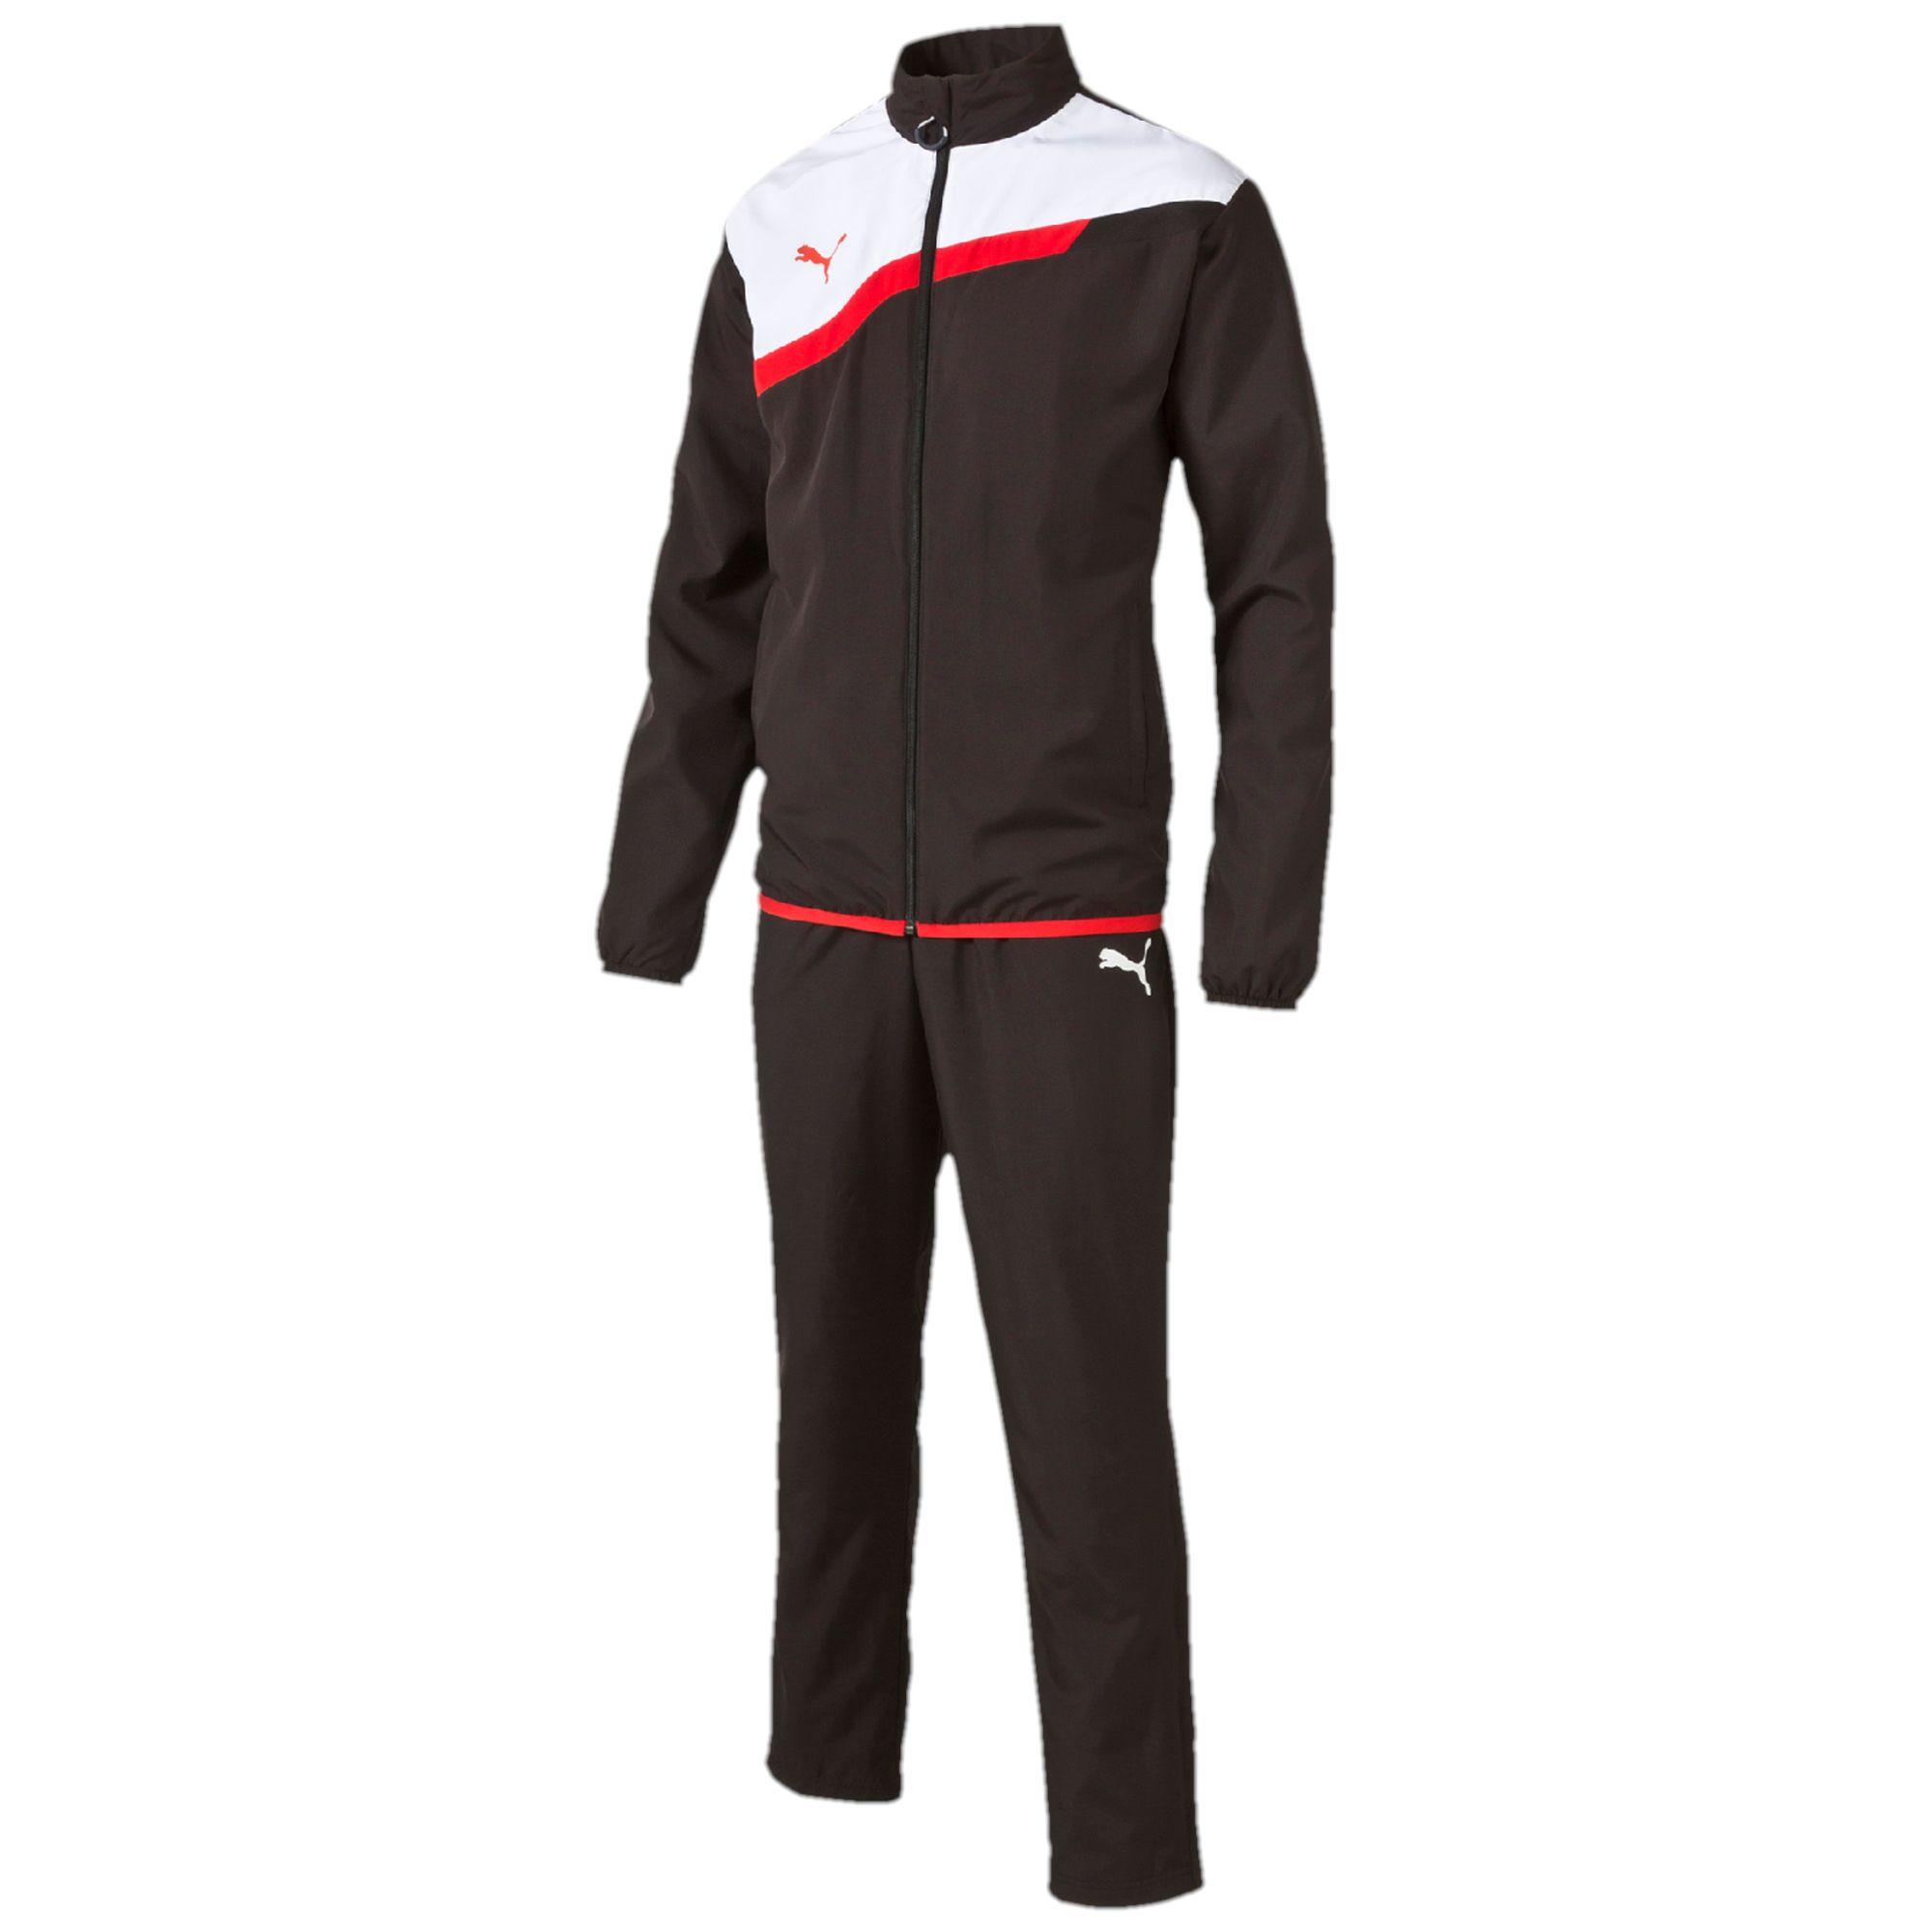 puma fu ball trainingsanzug bekleidung trainingsanzug. Black Bedroom Furniture Sets. Home Design Ideas